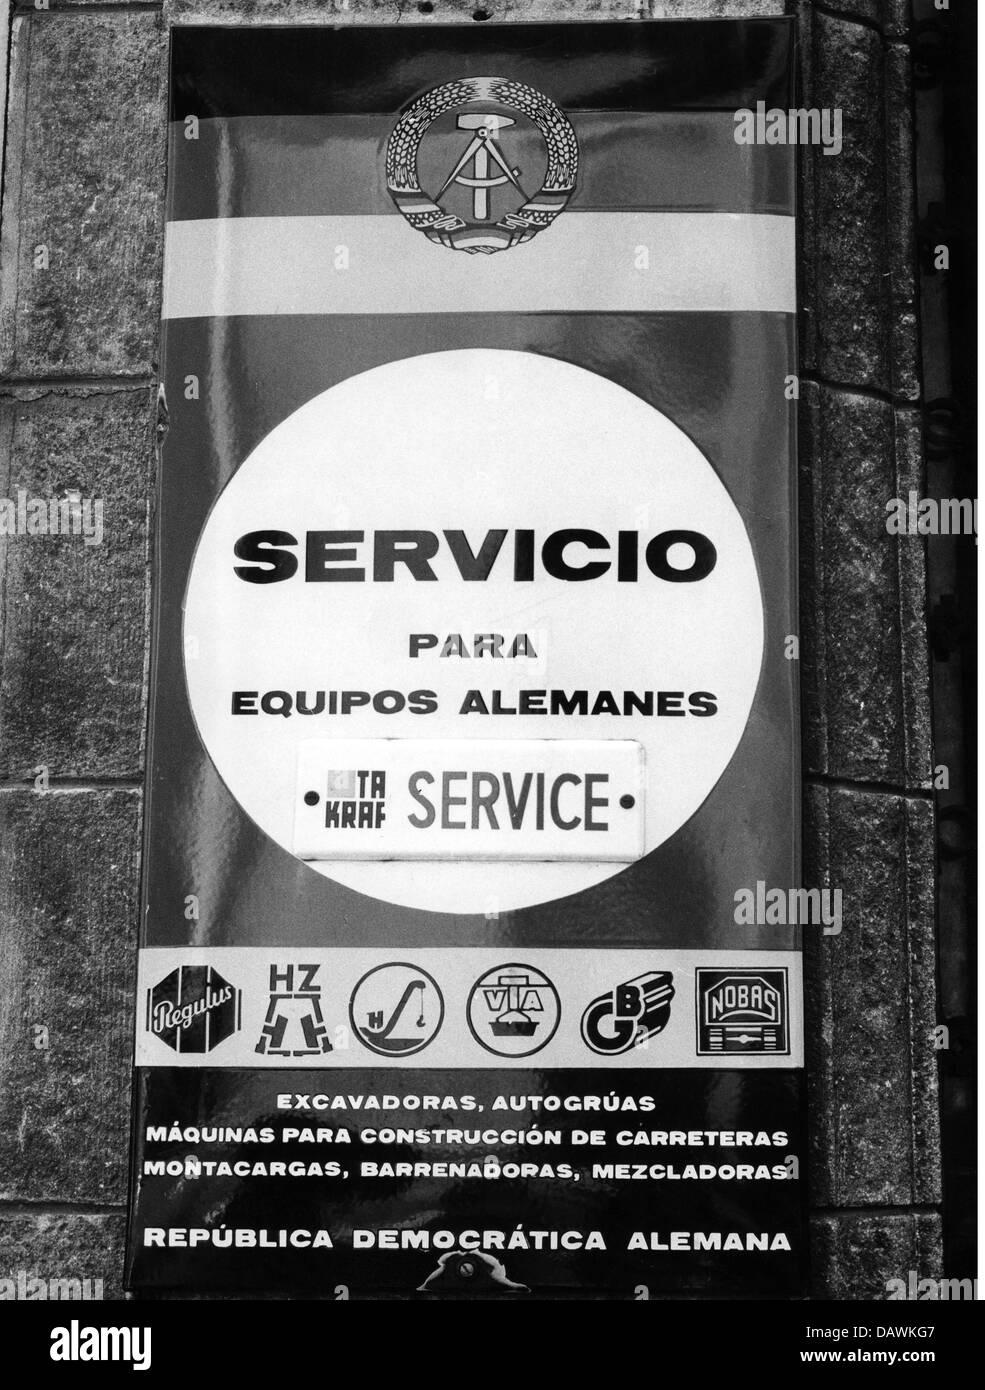 La publicité, service, signe d'un point de service pour l'équipement importés de l'Allemagne Photo Stock